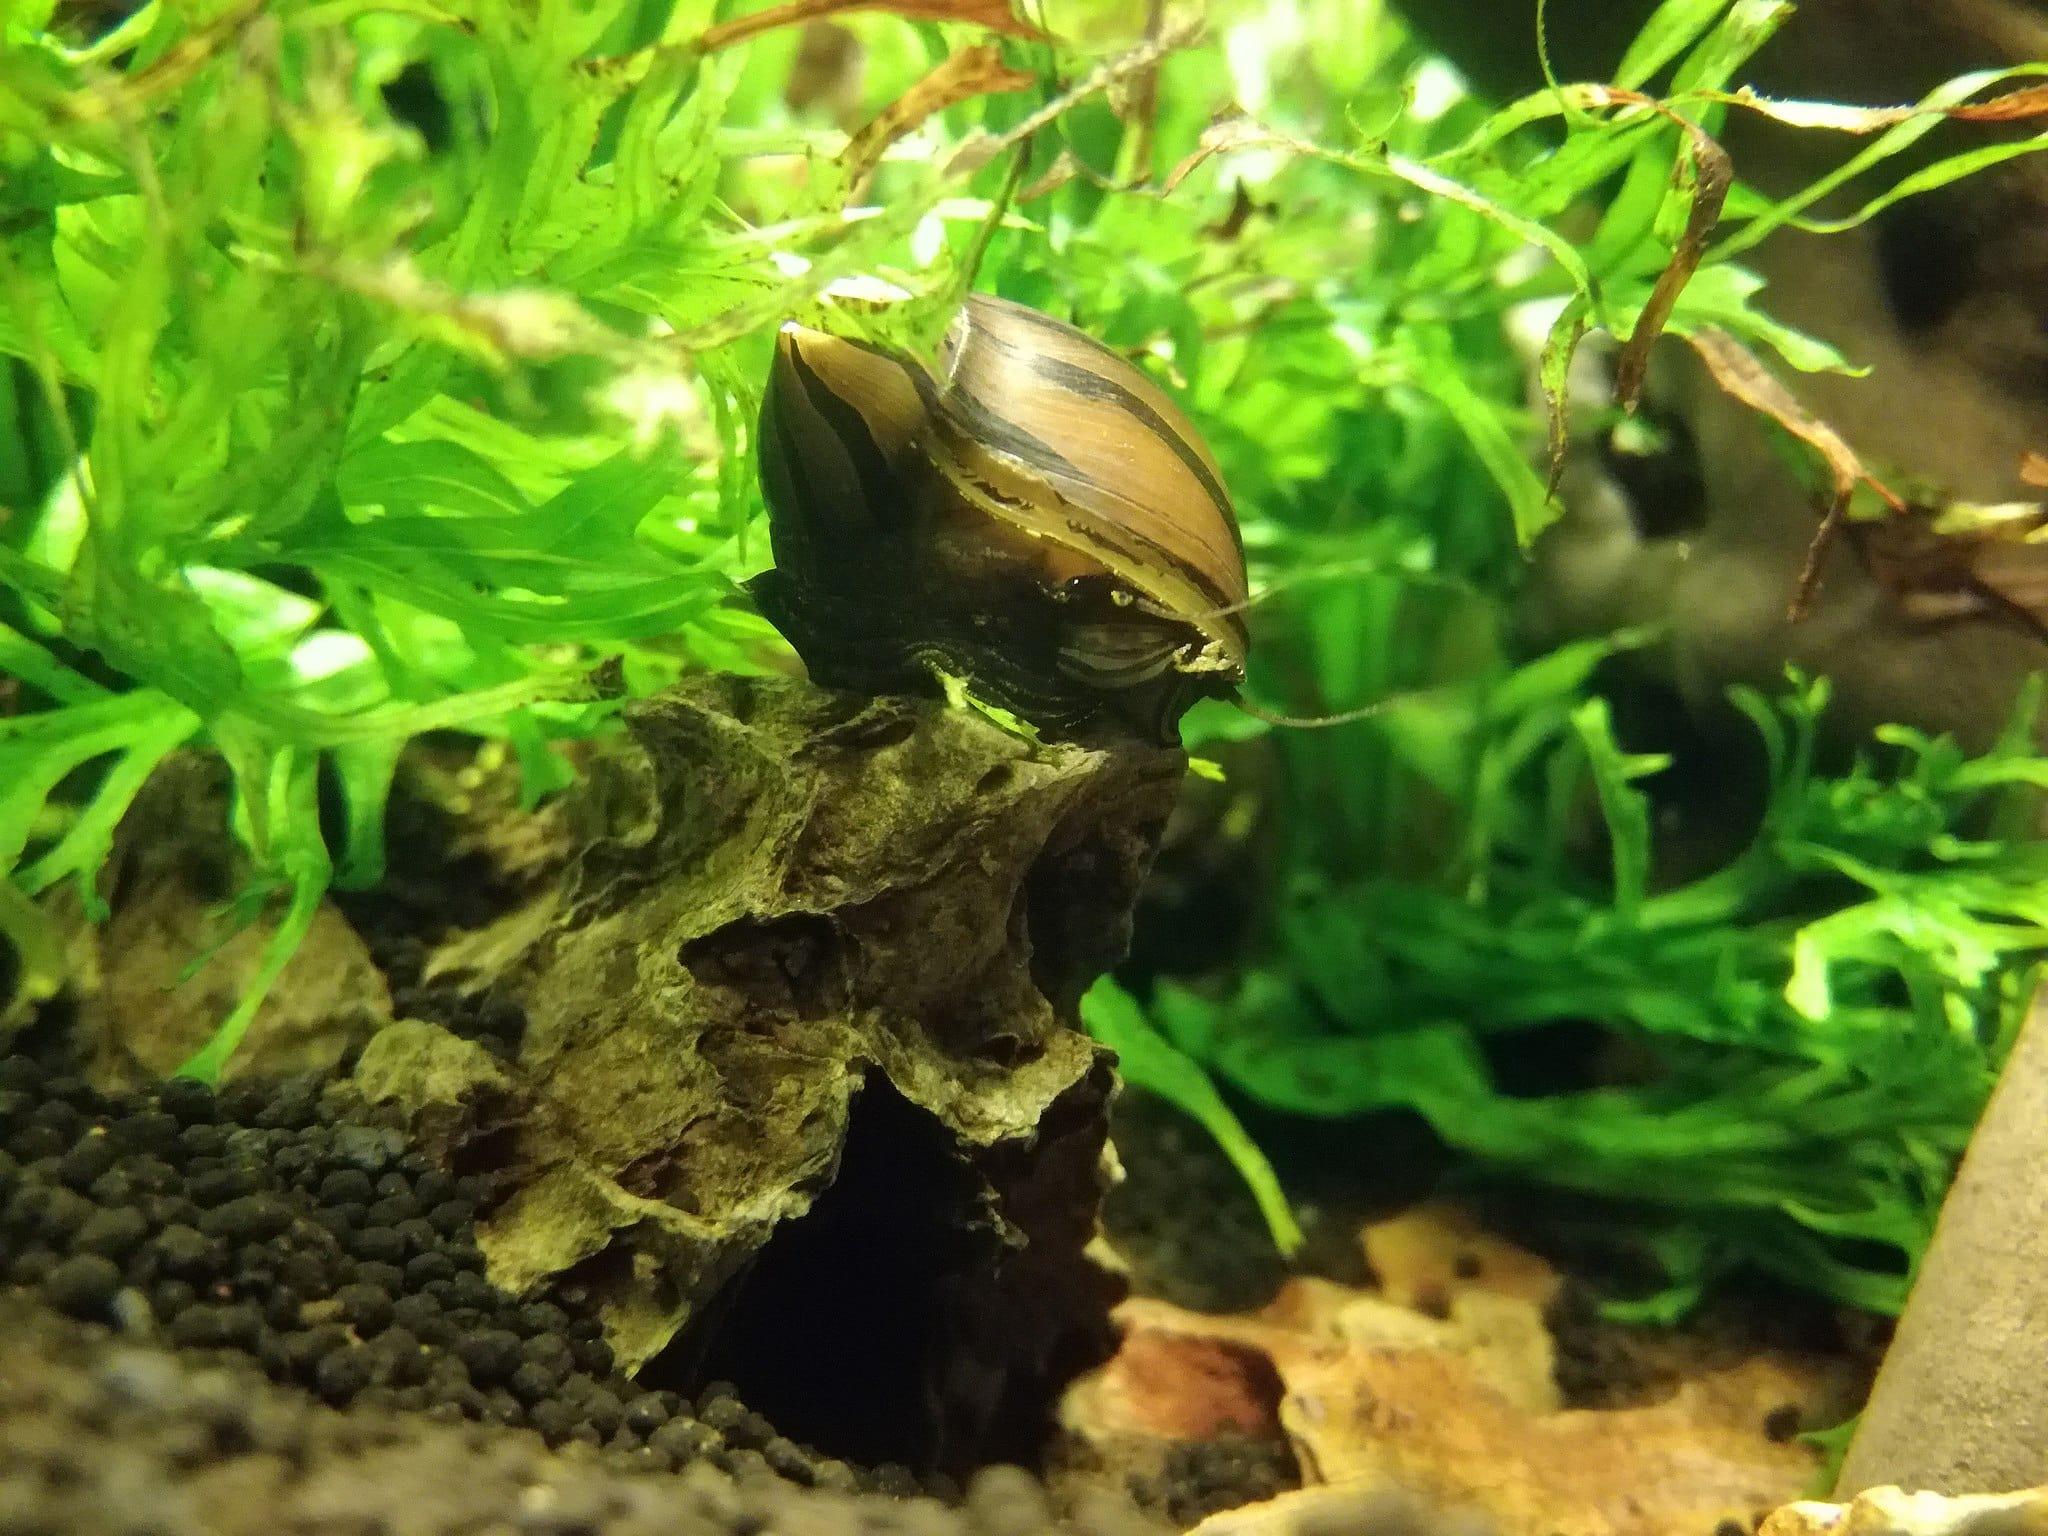 Do goldfish eat snails? Netrile Snail in an aquarium.